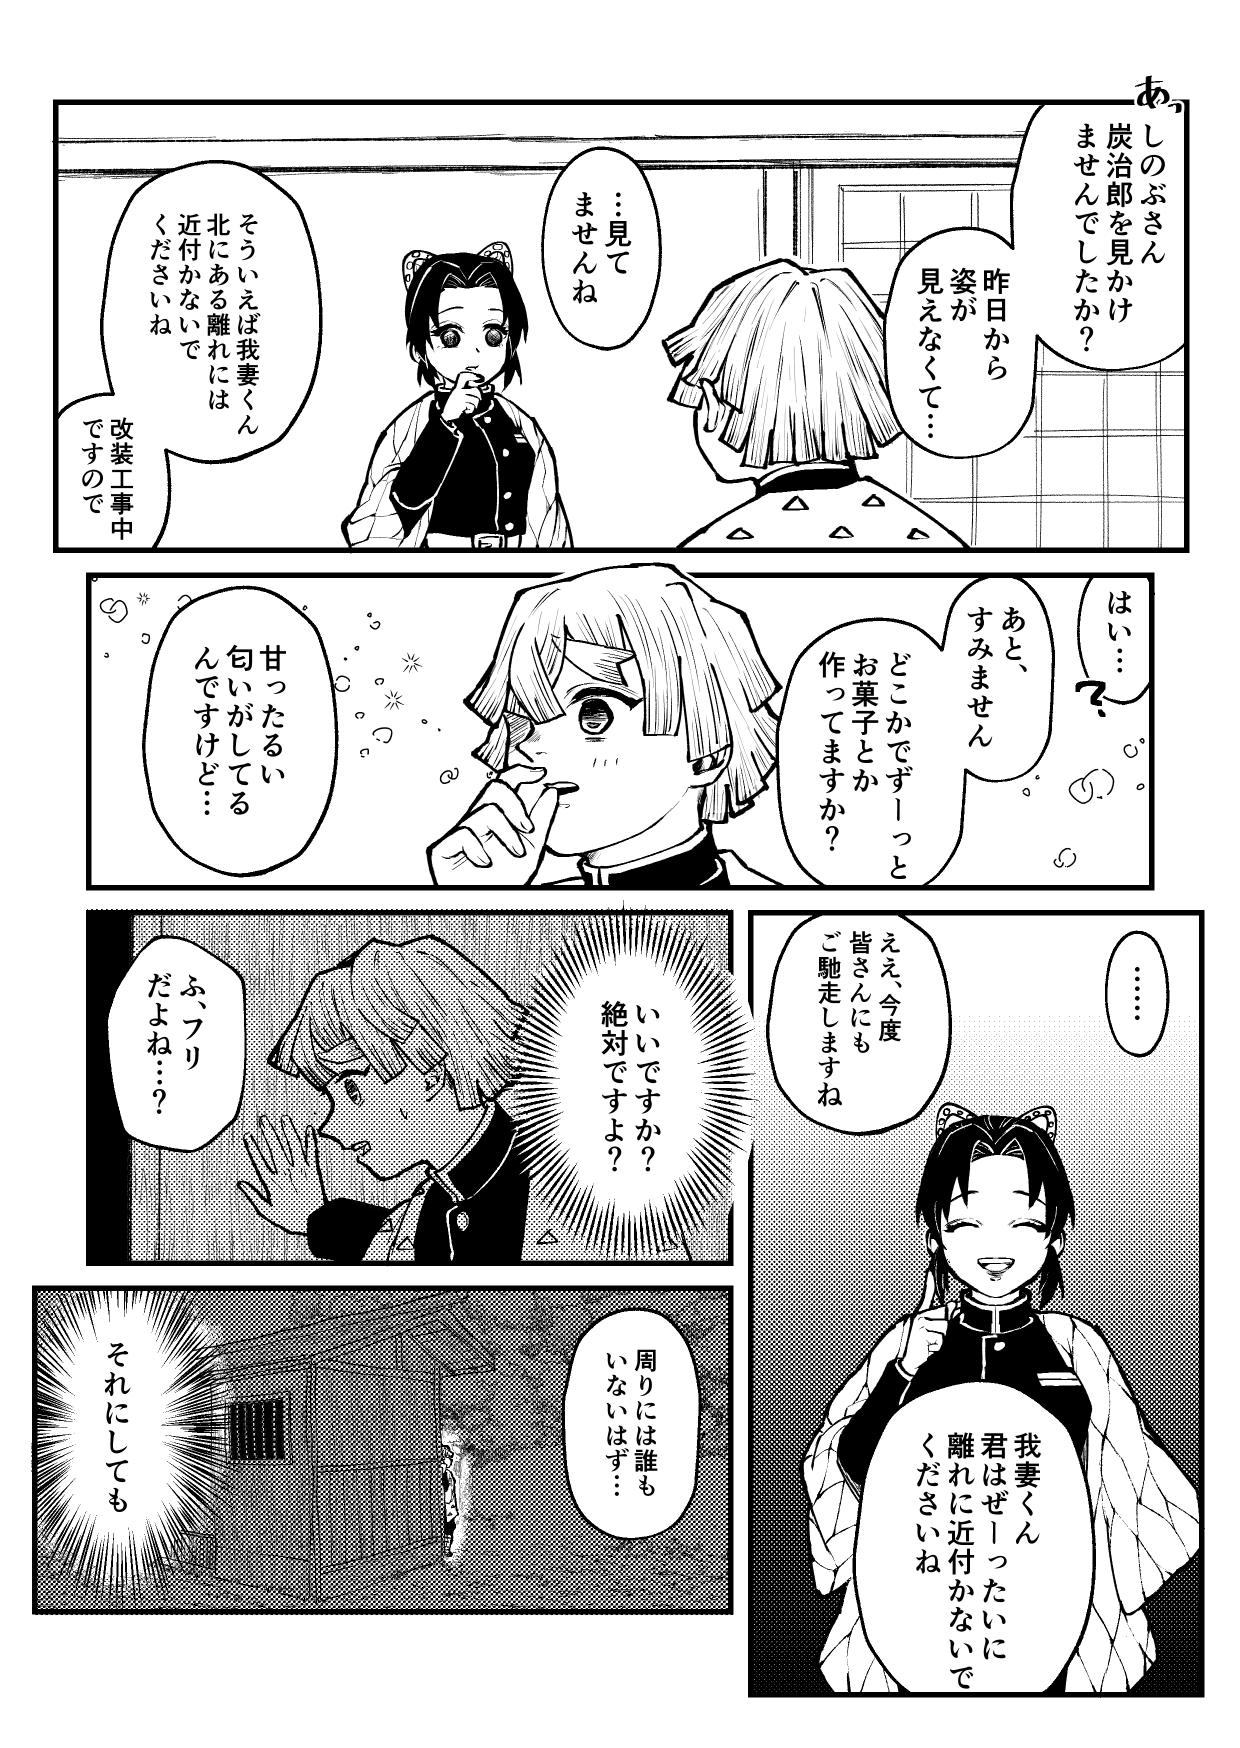 一汁三菜 ichijusansai9 ทว ตเตอร 漫画 タイバニ 滅